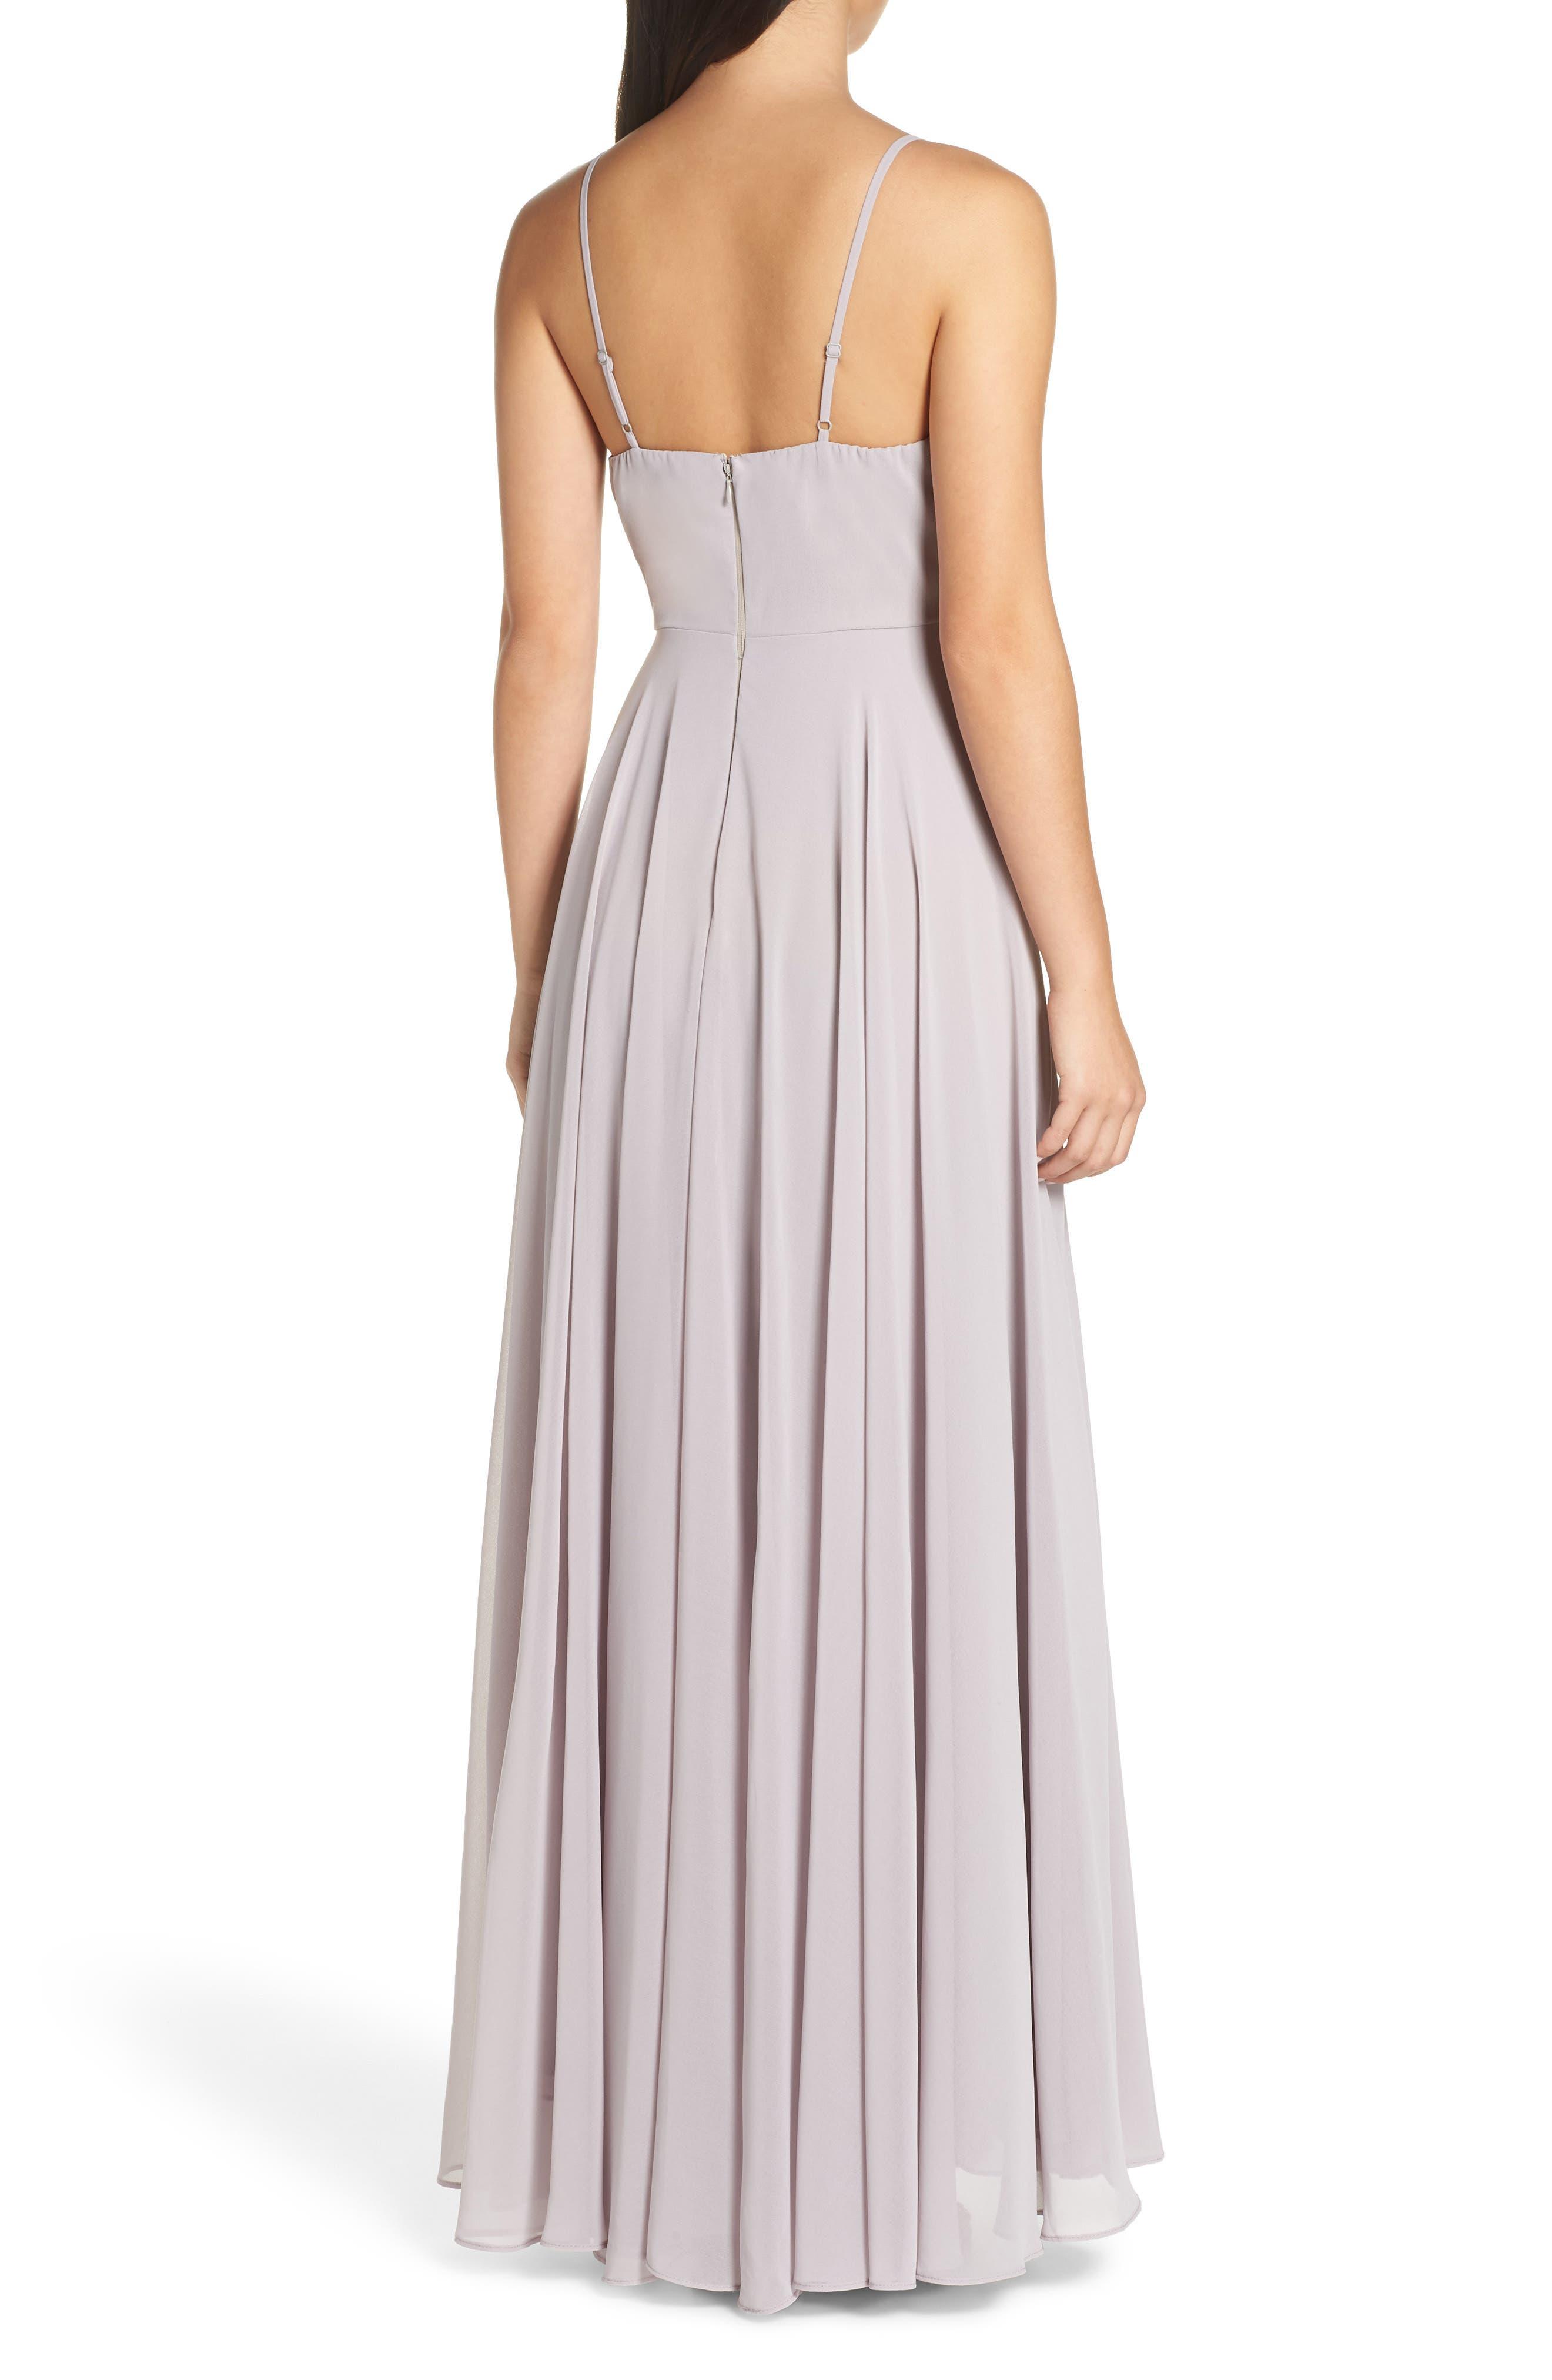 760542fc0e7 Women s Lulus Dresses